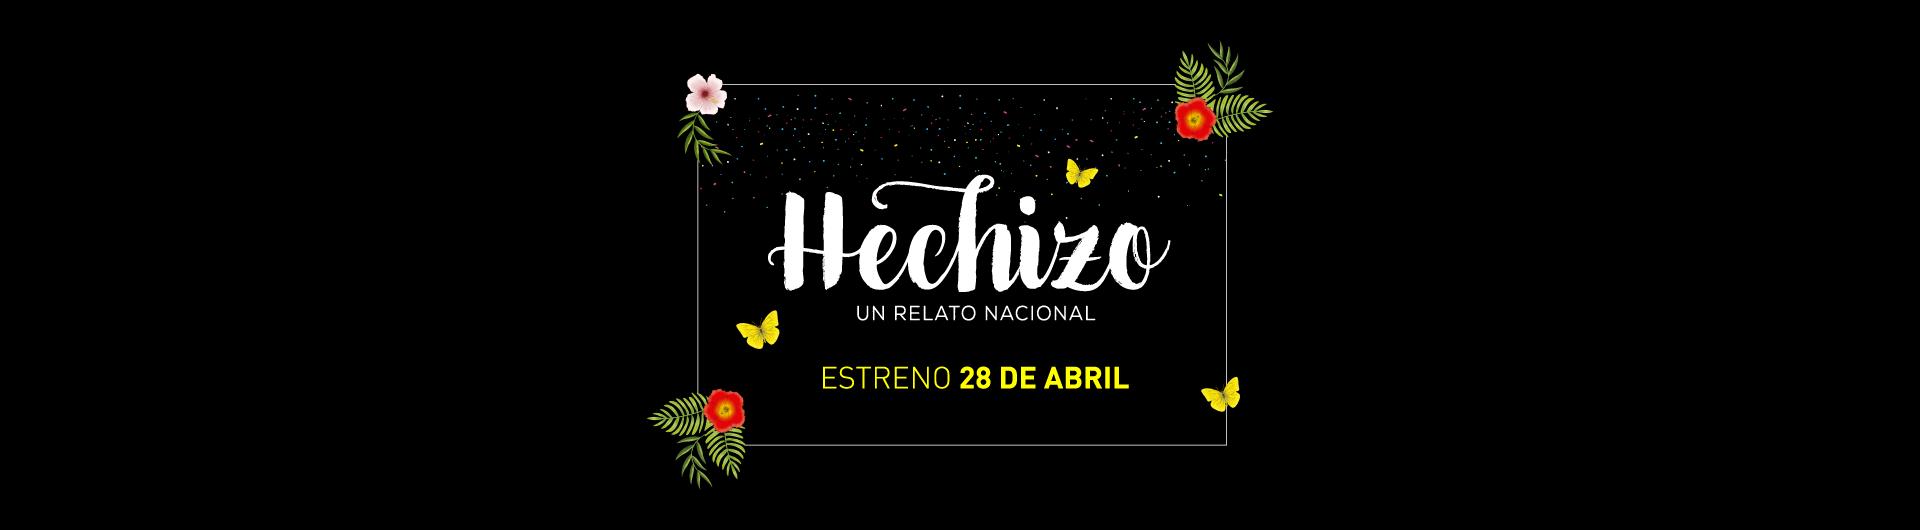 Delirio Hechizo